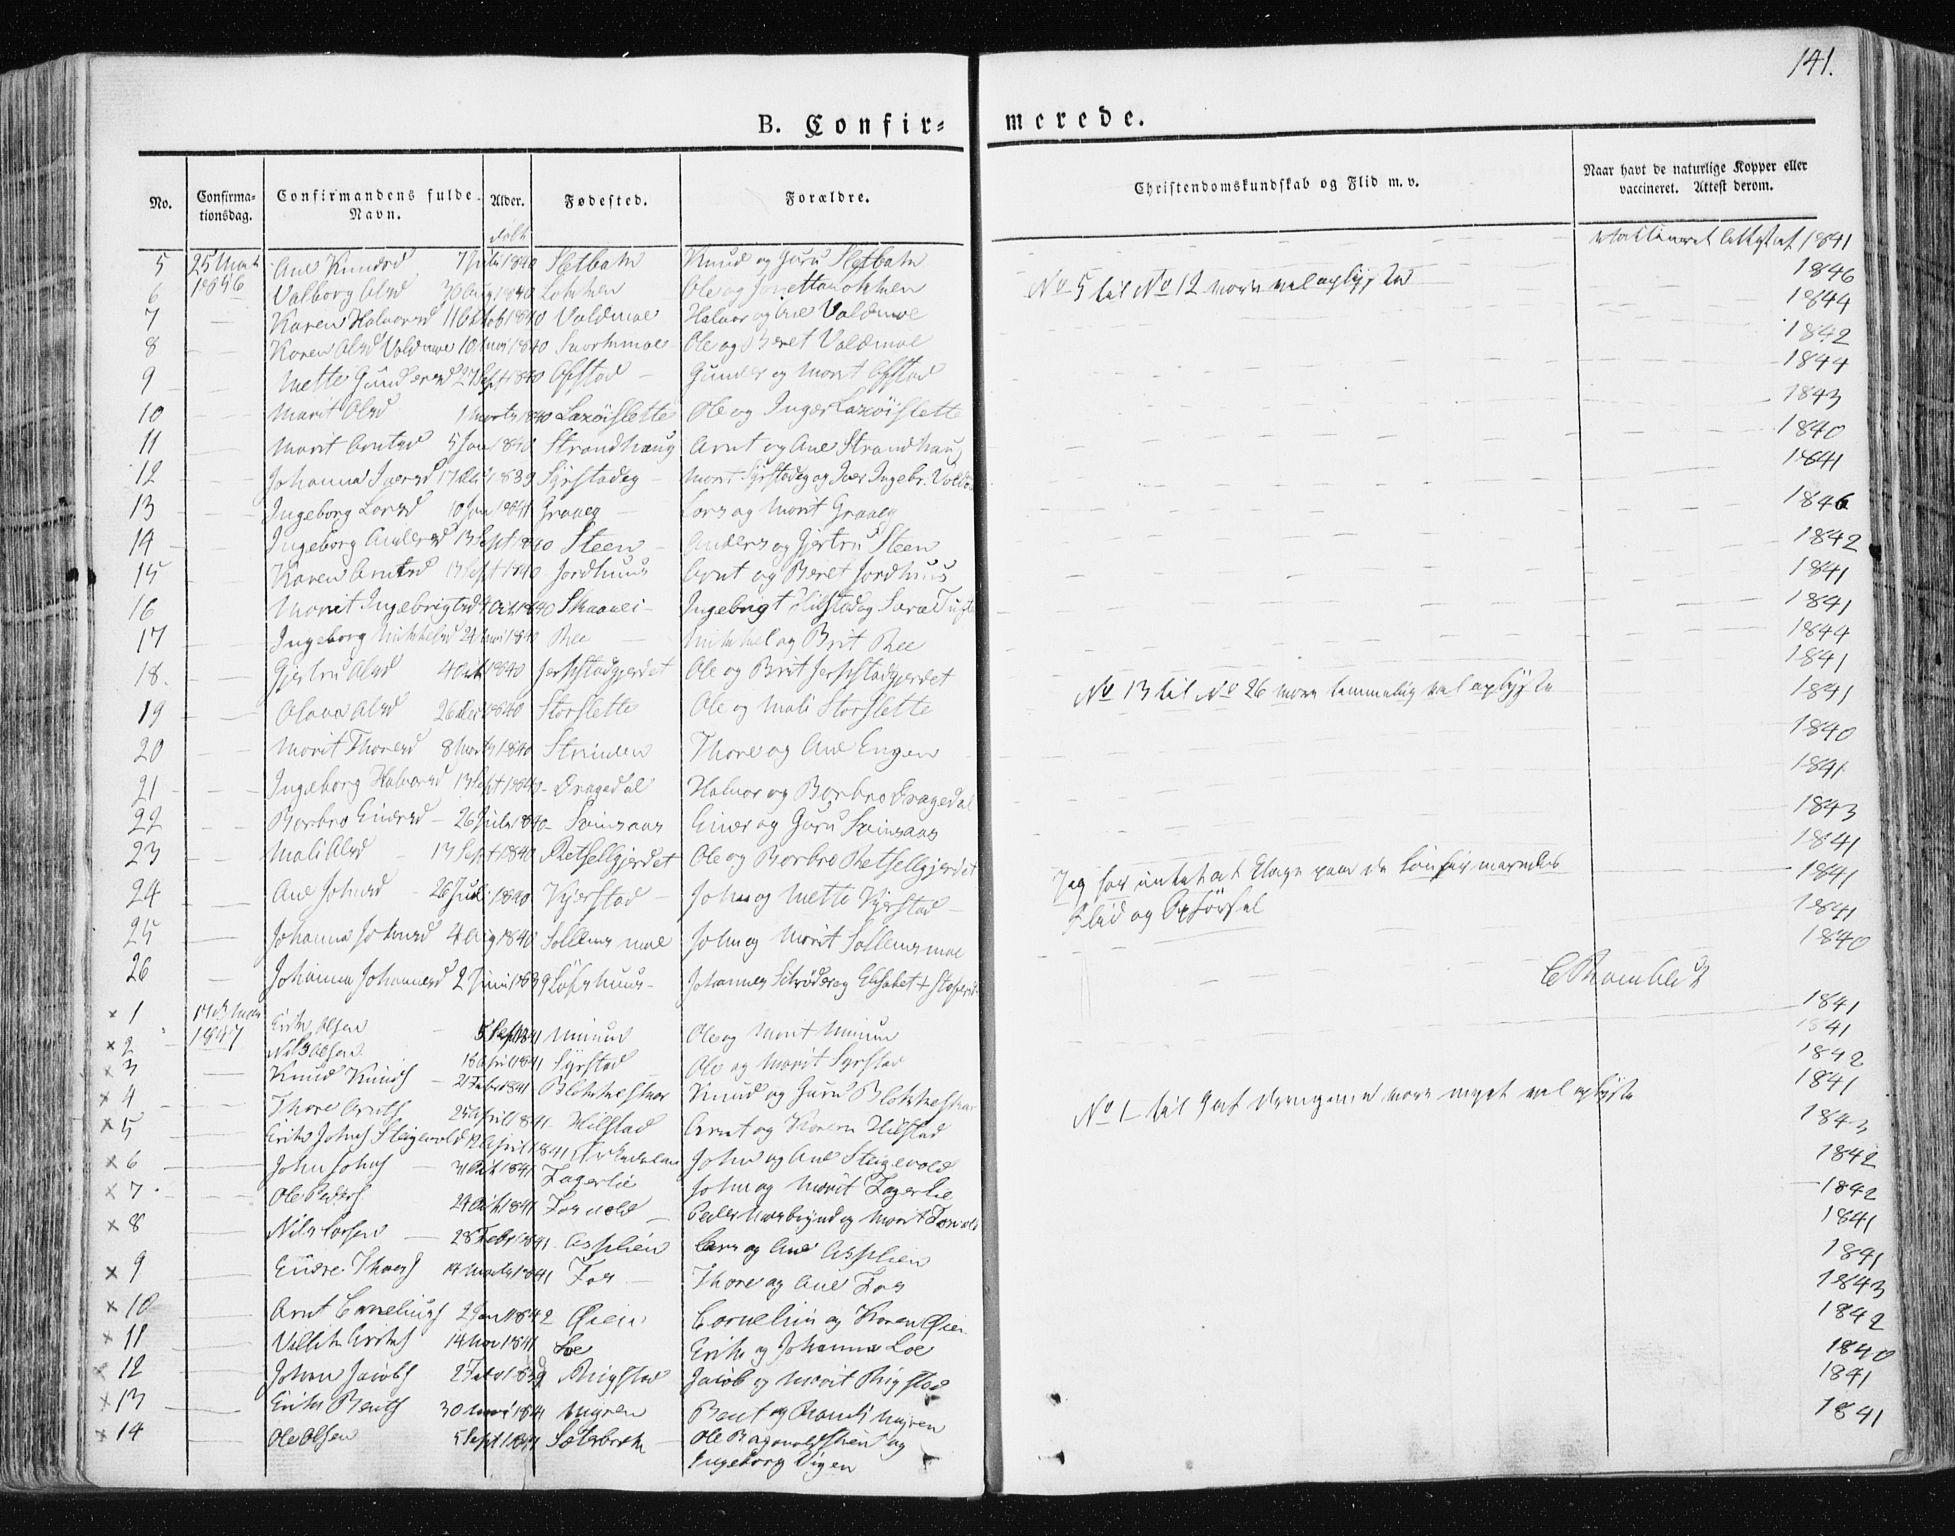 SAT, Ministerialprotokoller, klokkerbøker og fødselsregistre - Sør-Trøndelag, 672/L0855: Ministerialbok nr. 672A07, 1829-1860, s. 141